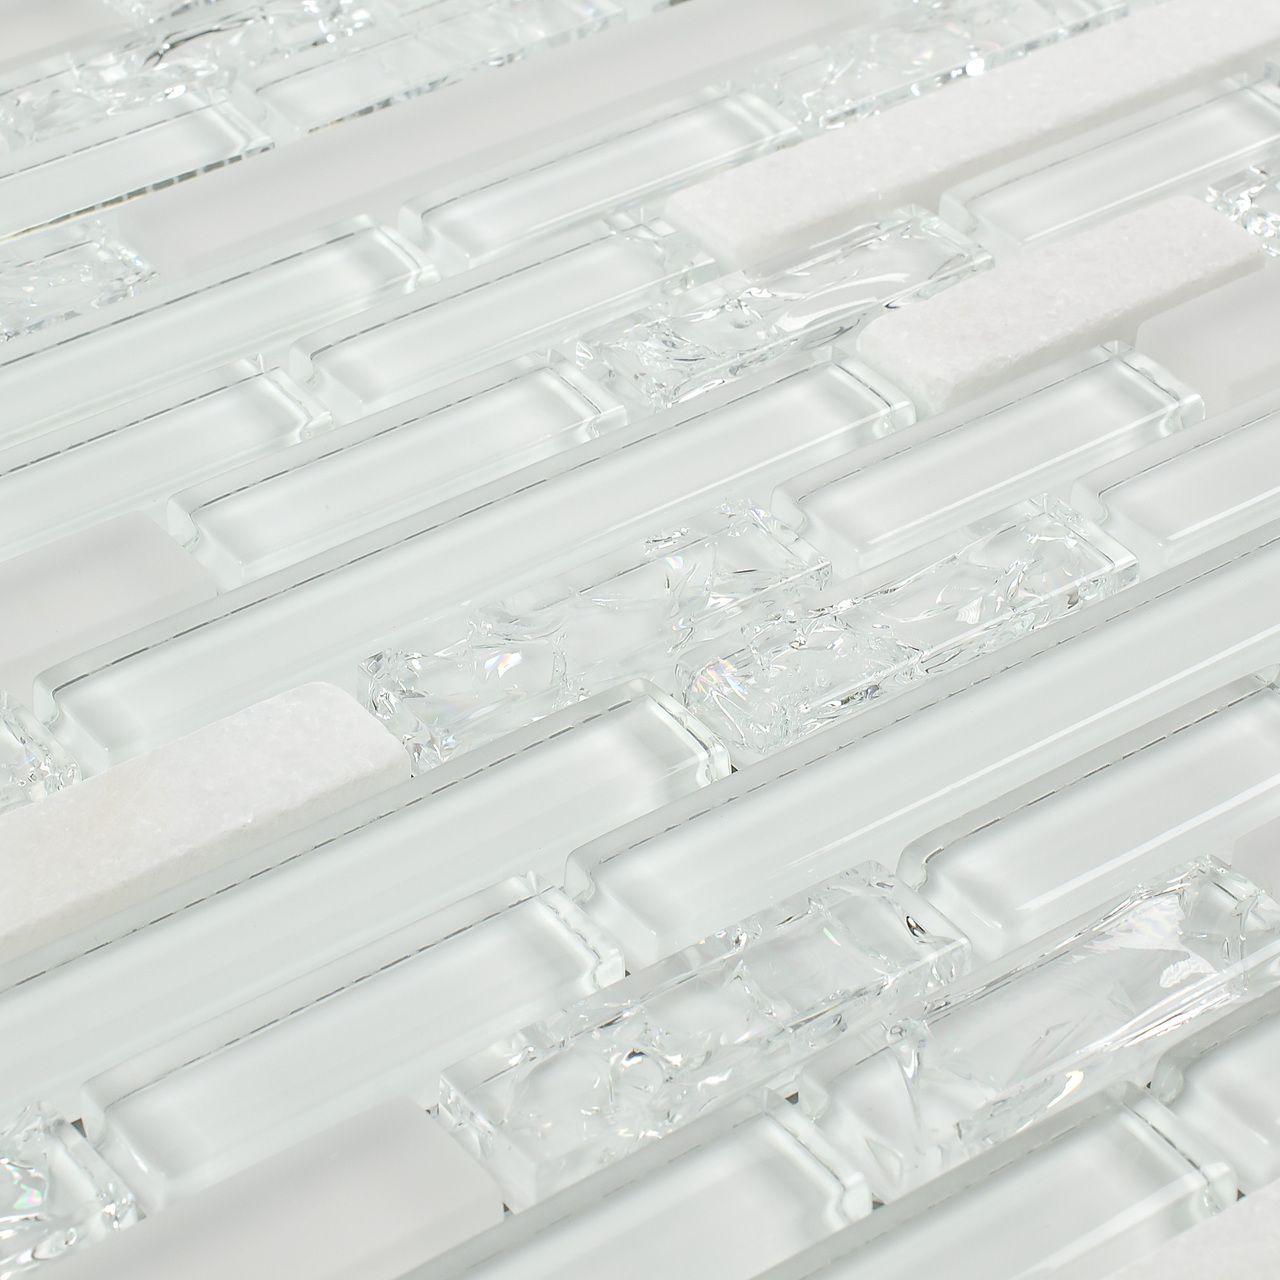 - Linear Crackled Glass Tile Snow White Glasfliesen, Küchenfliesen